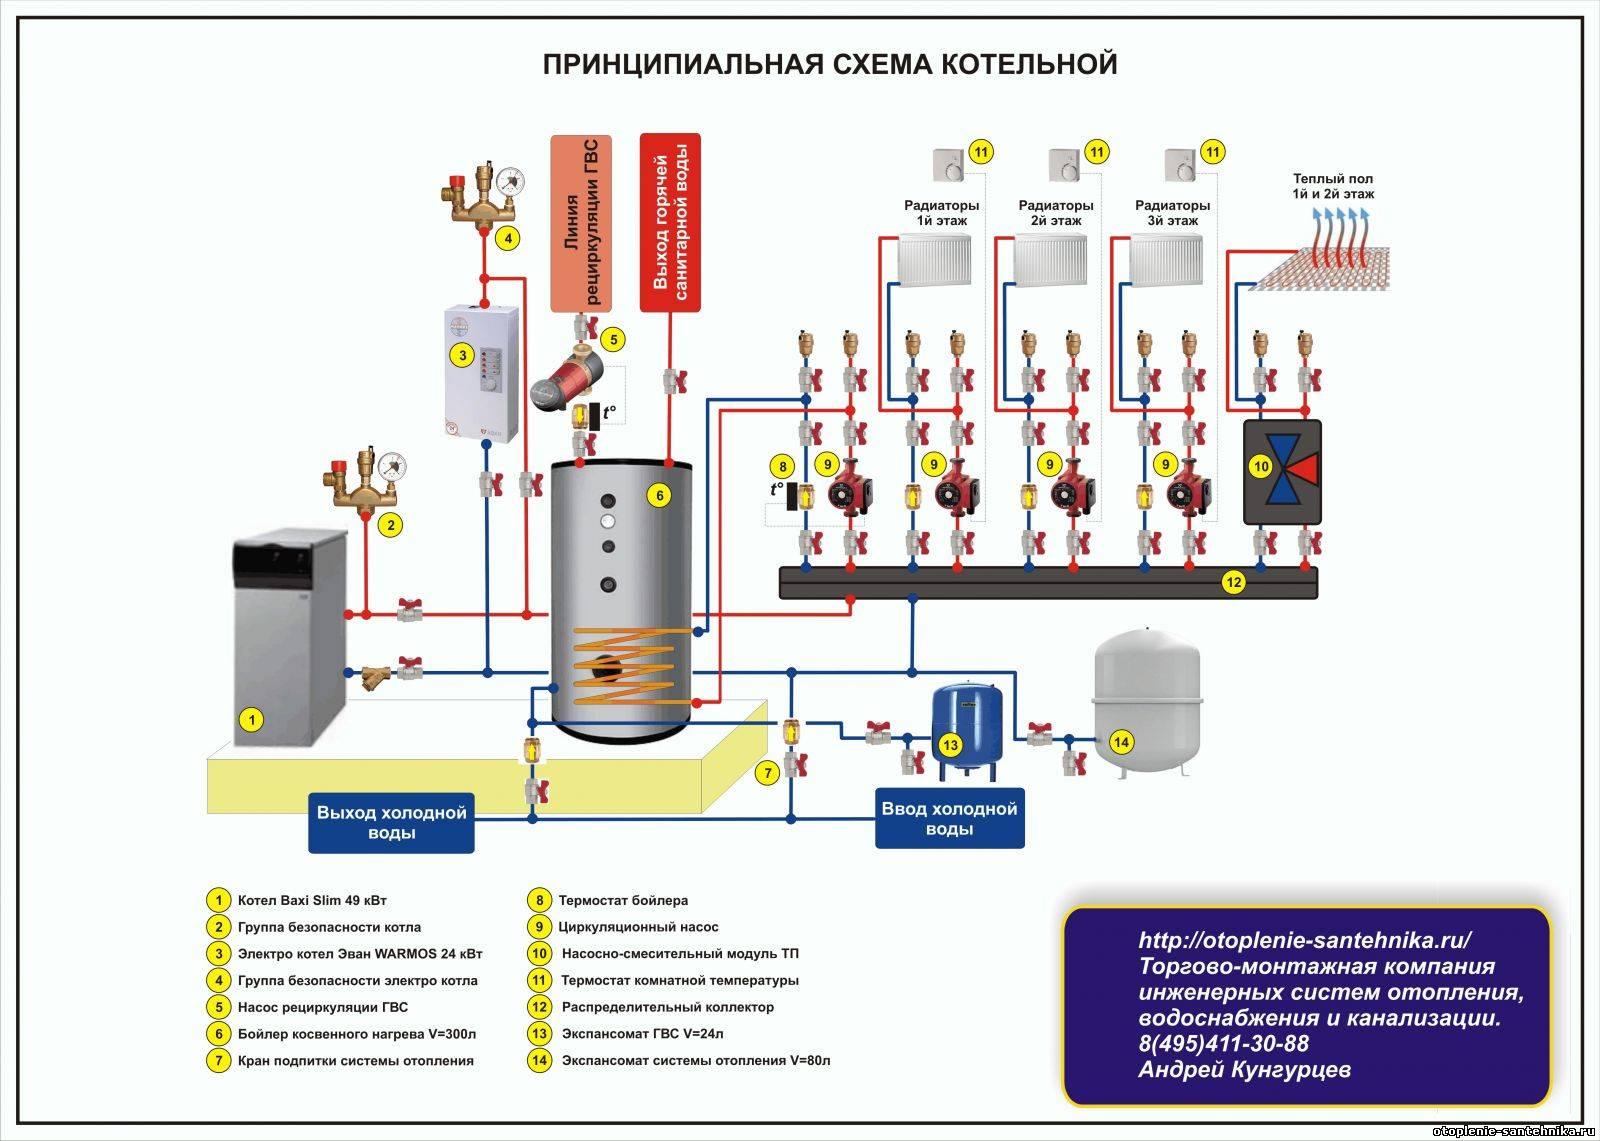 Системы автоматизации и диспетчеризации котельных: построение и эксплуатация